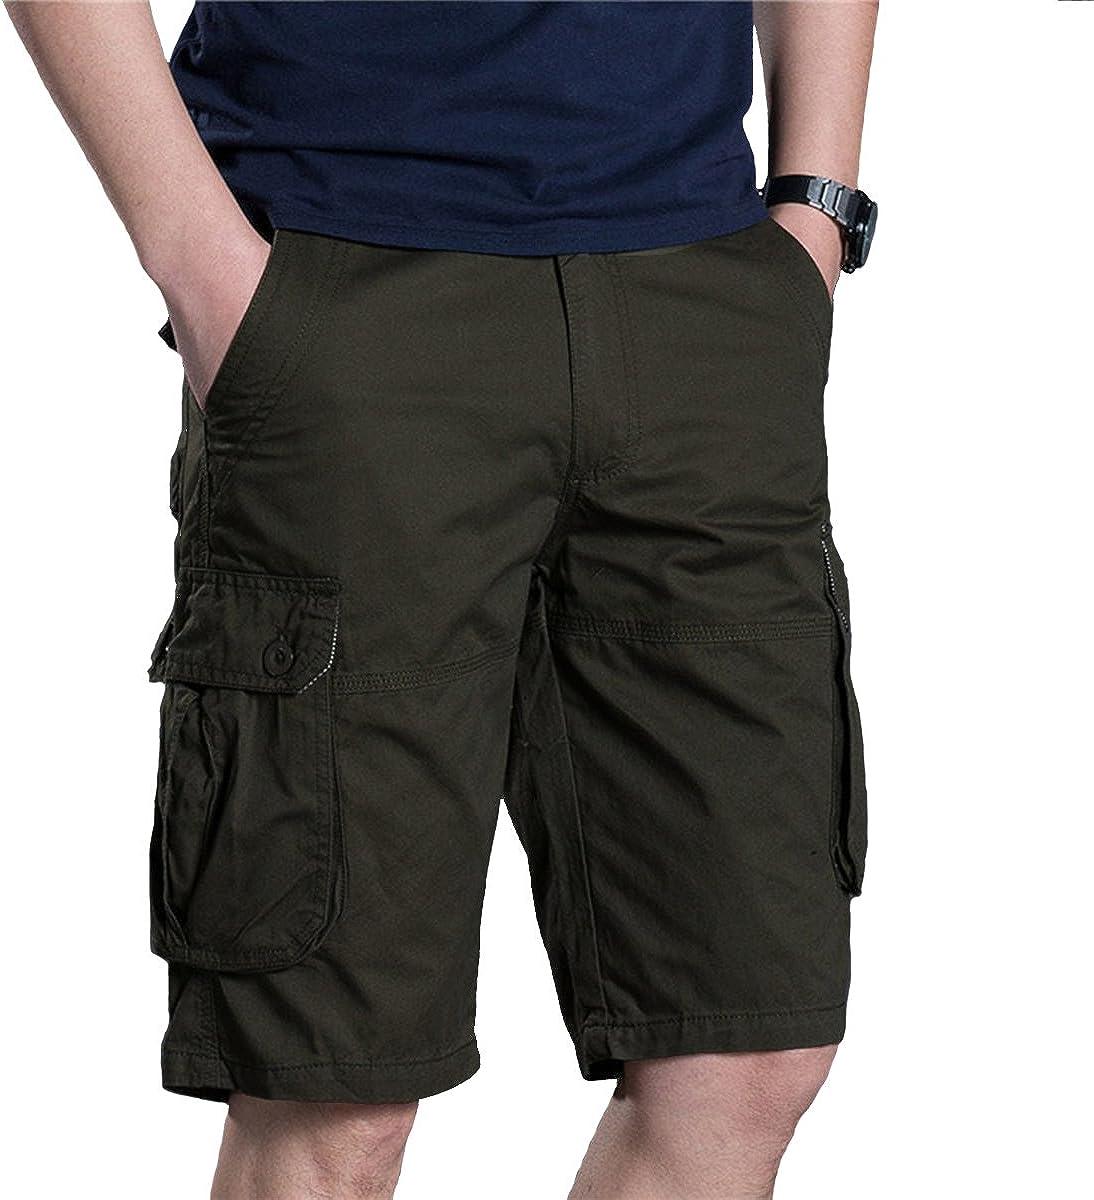 Meerway Bermuda Cargo Short Pantaloncini da Uomo Vintage Corti Bermuda Shorts